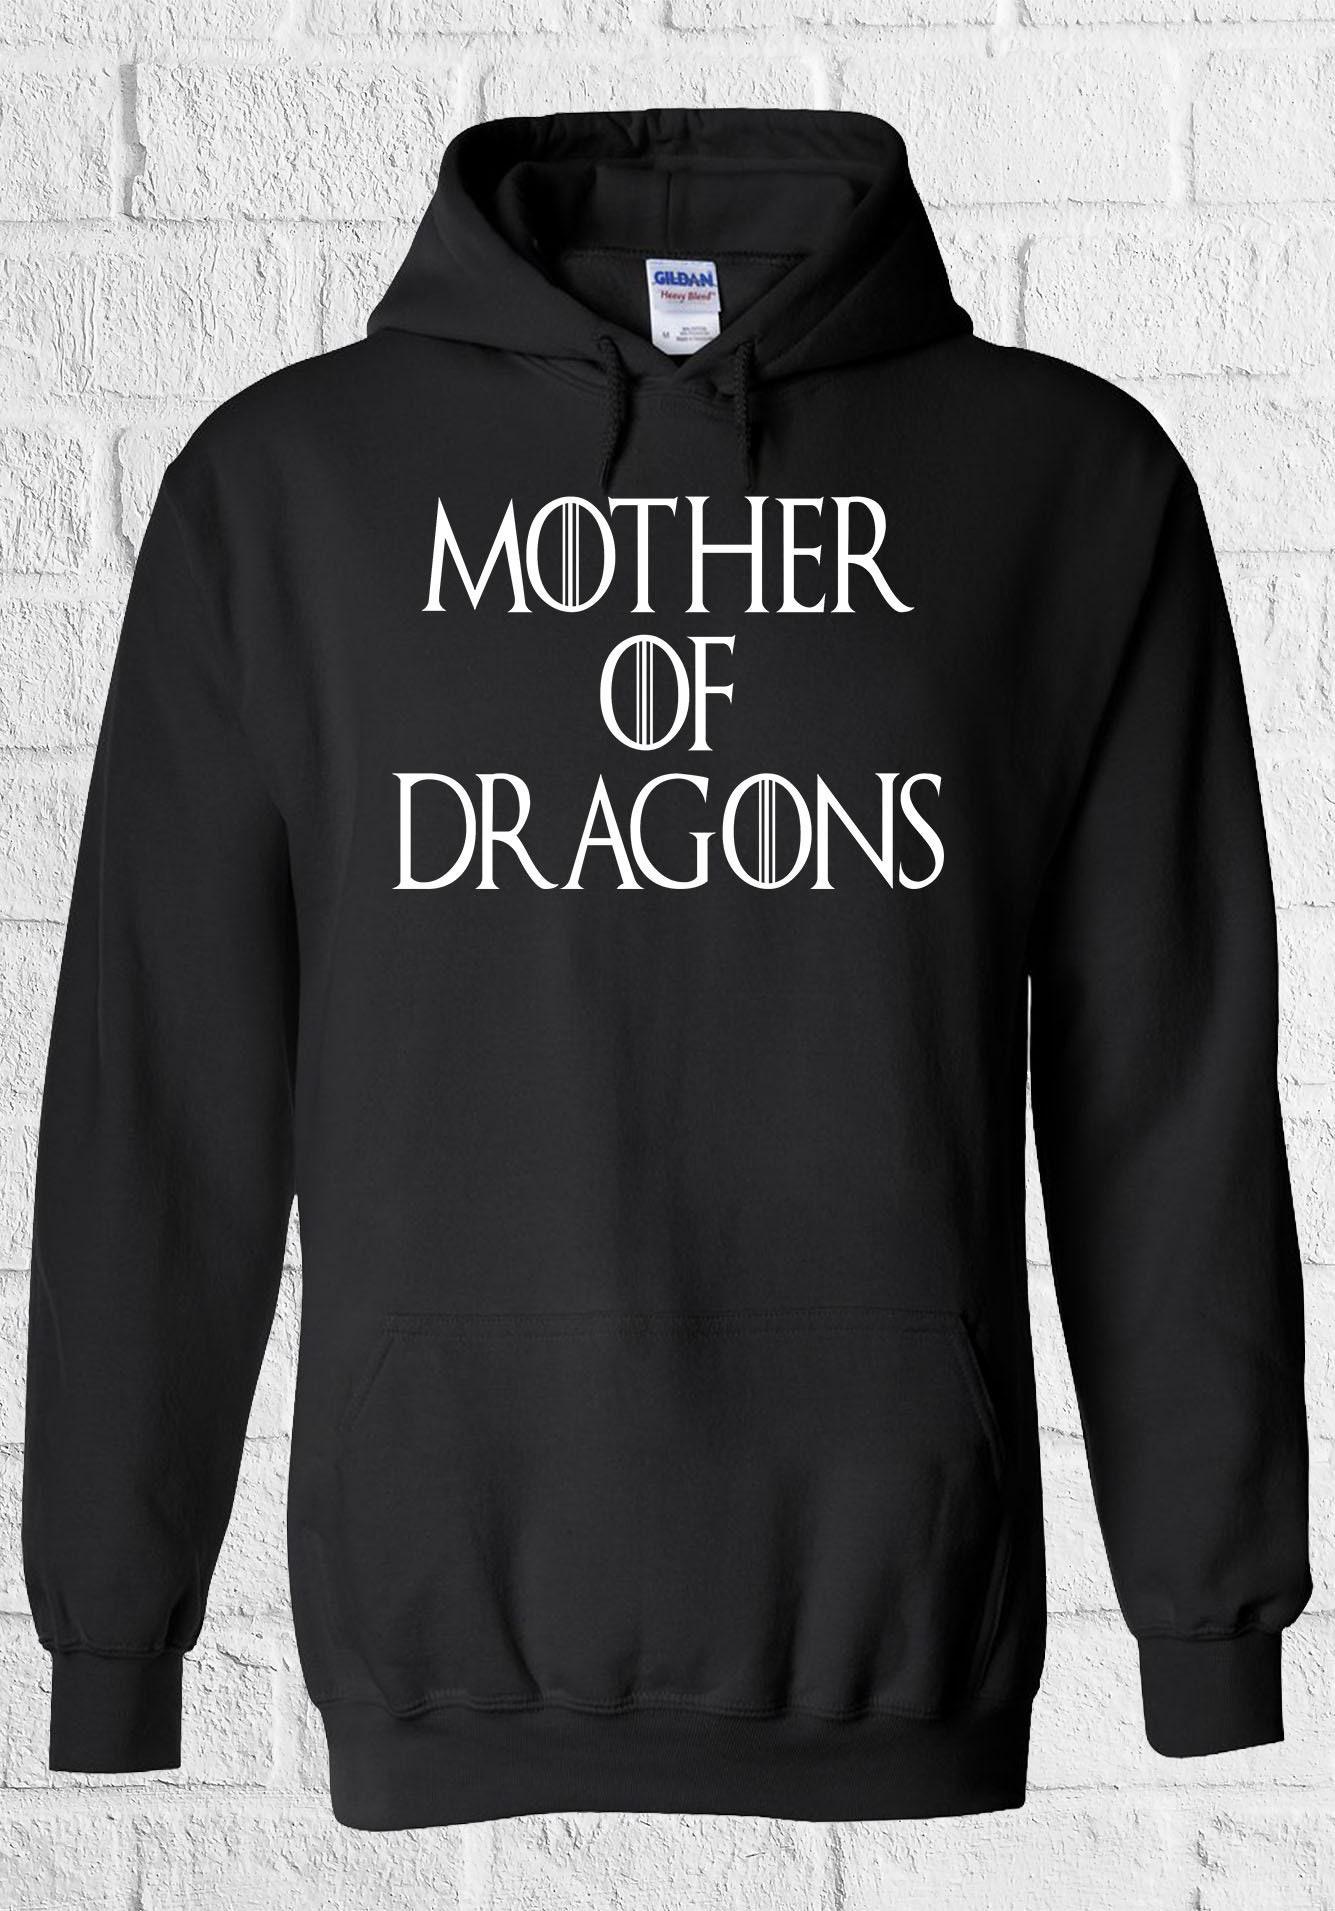 Mother of Twin Dragons Maternity Twin of Men Women Unisex Top Hoodie Sweatshirt 1091 1443ee